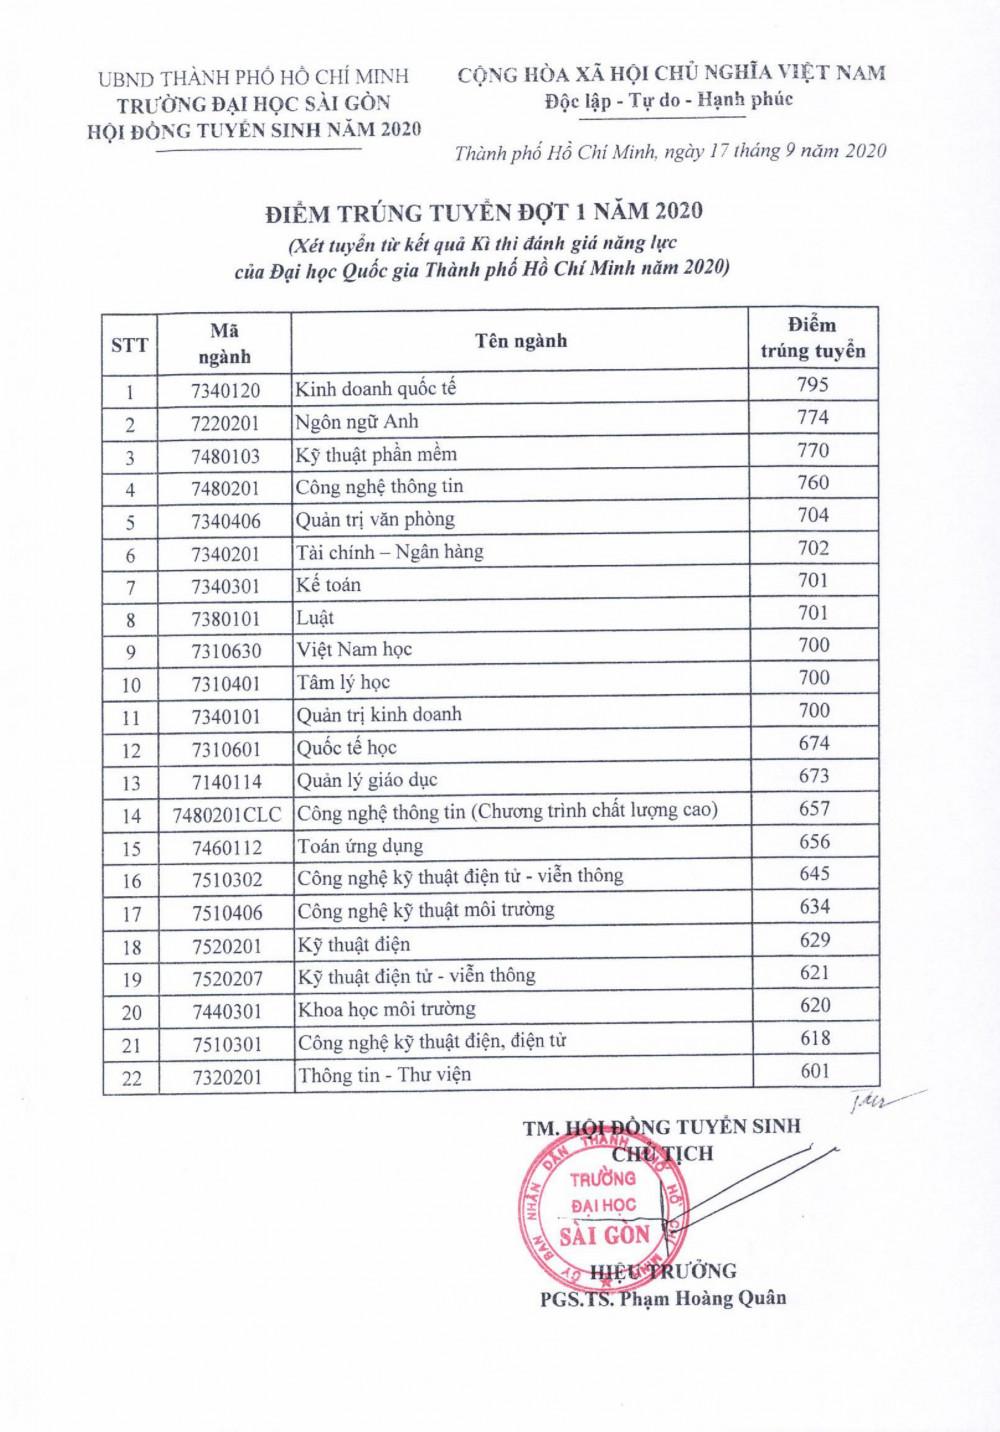 Điểm chuẩn từng ngành của ĐH Sài Gòn